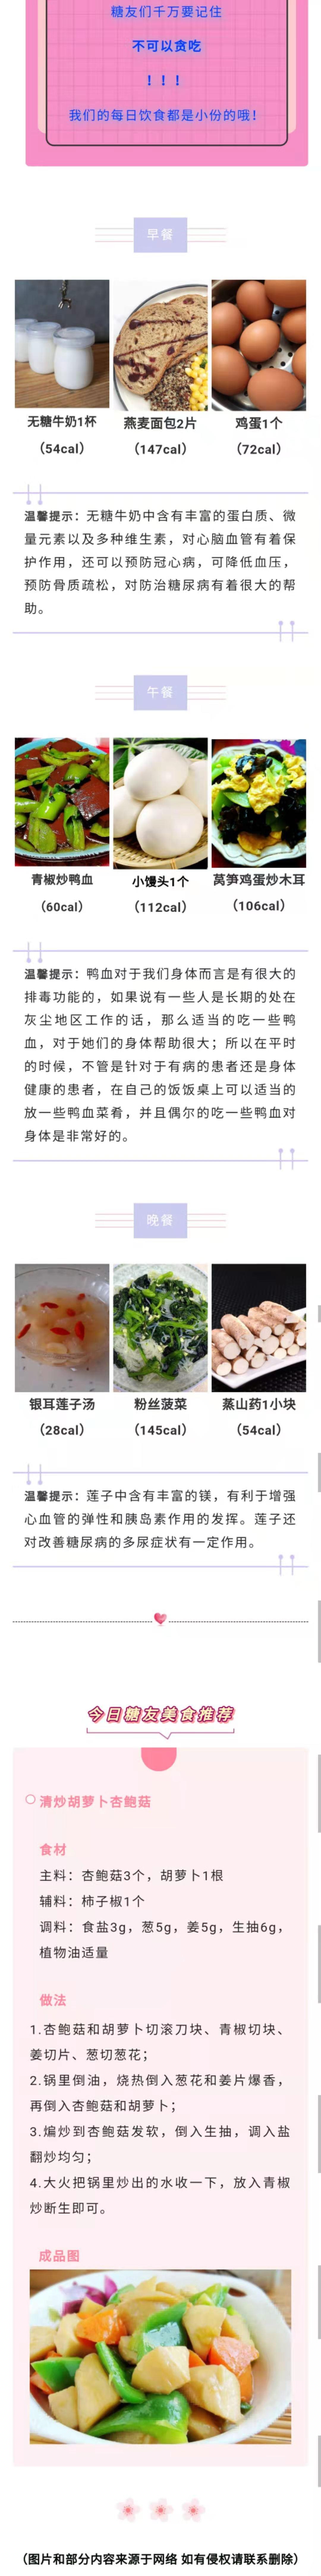 微信图片_20210112101527.jpg